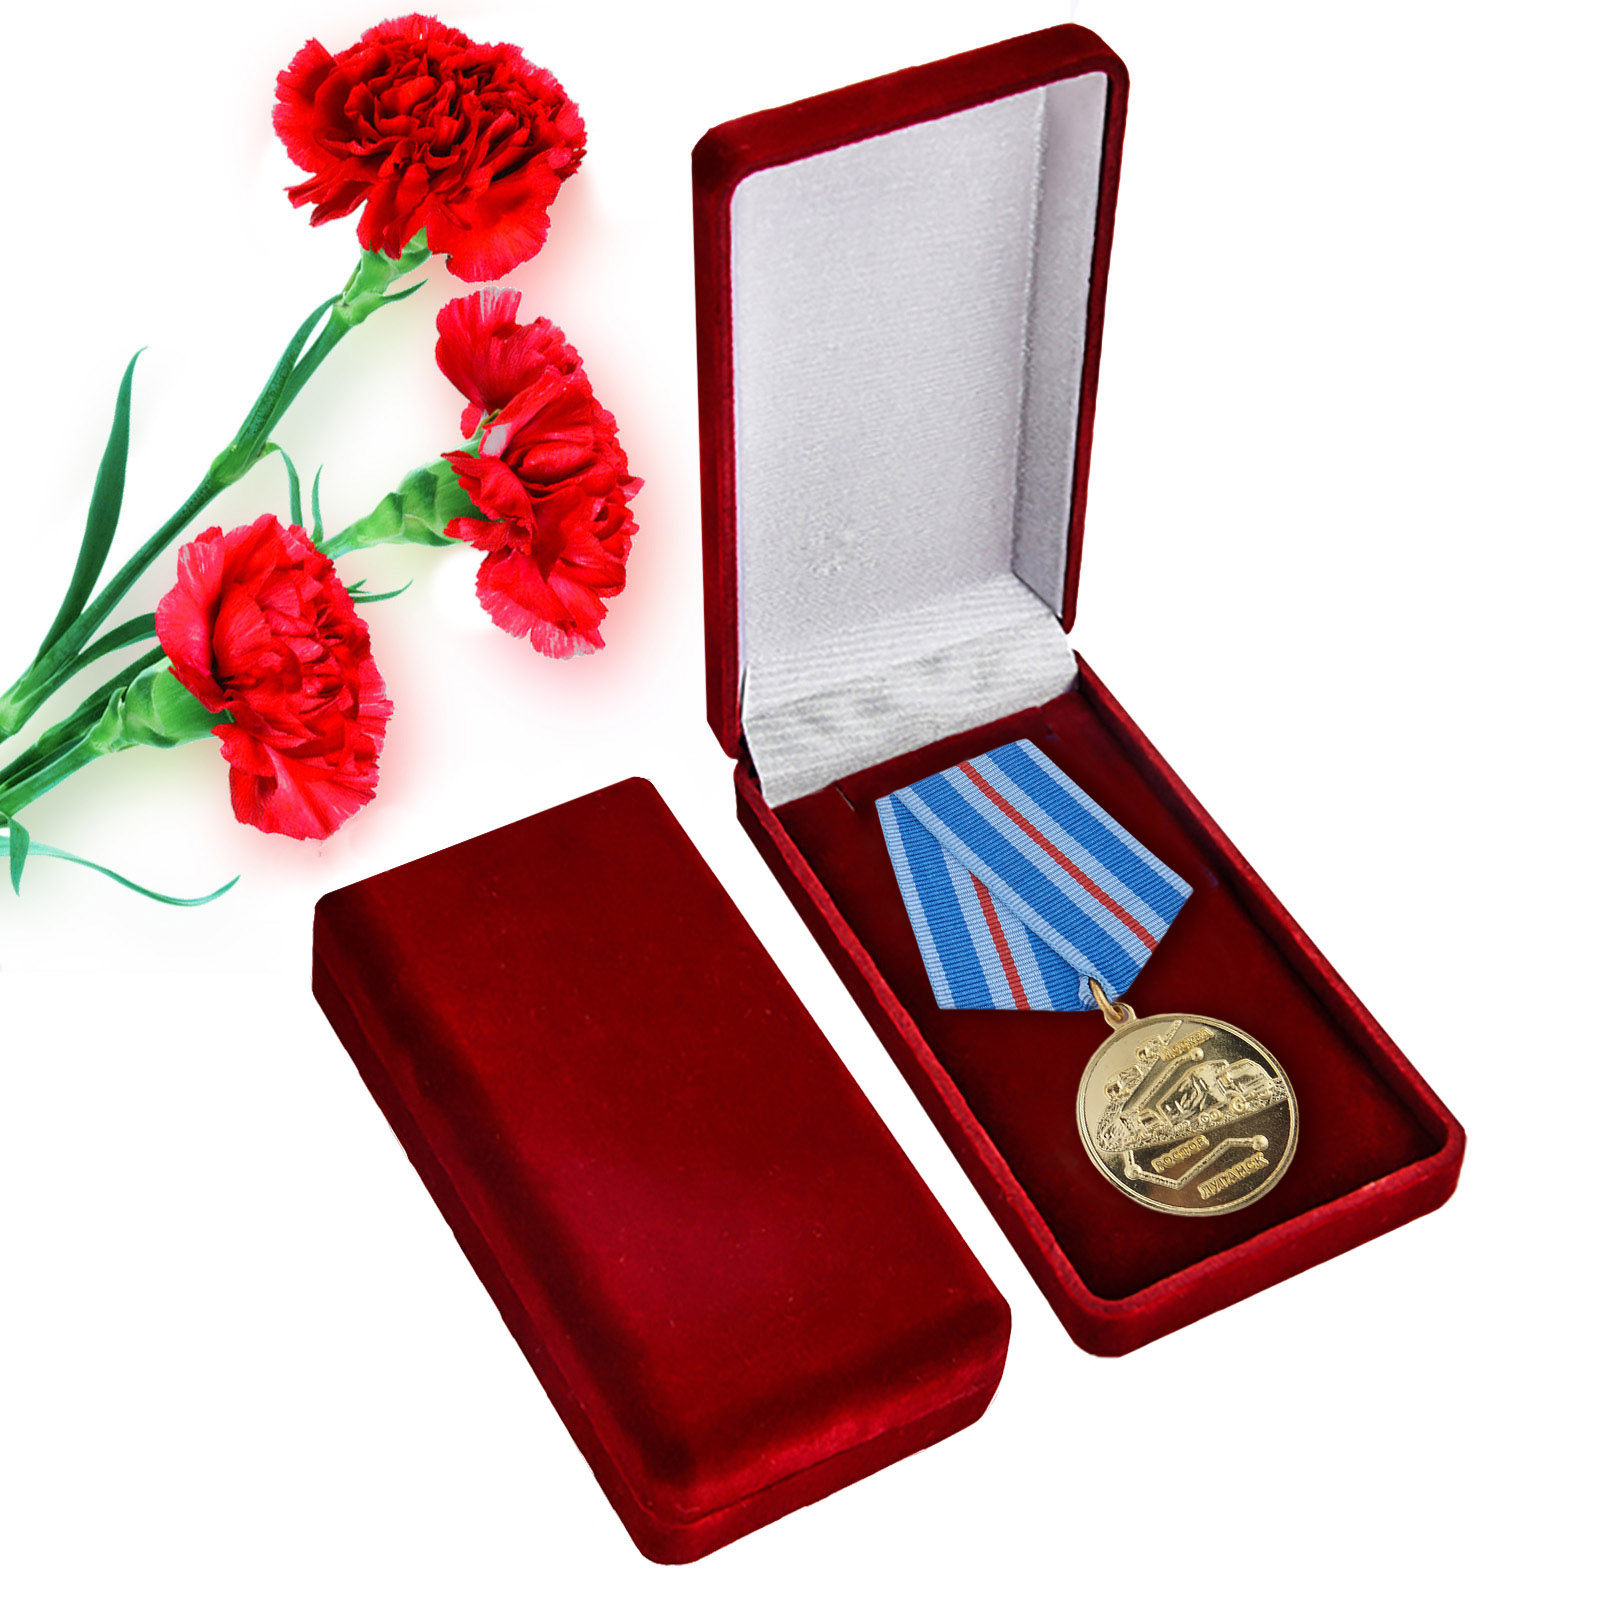 """Купить памятную медаль """"Участнику гуманитарного конвоя 2014"""" в подарок"""